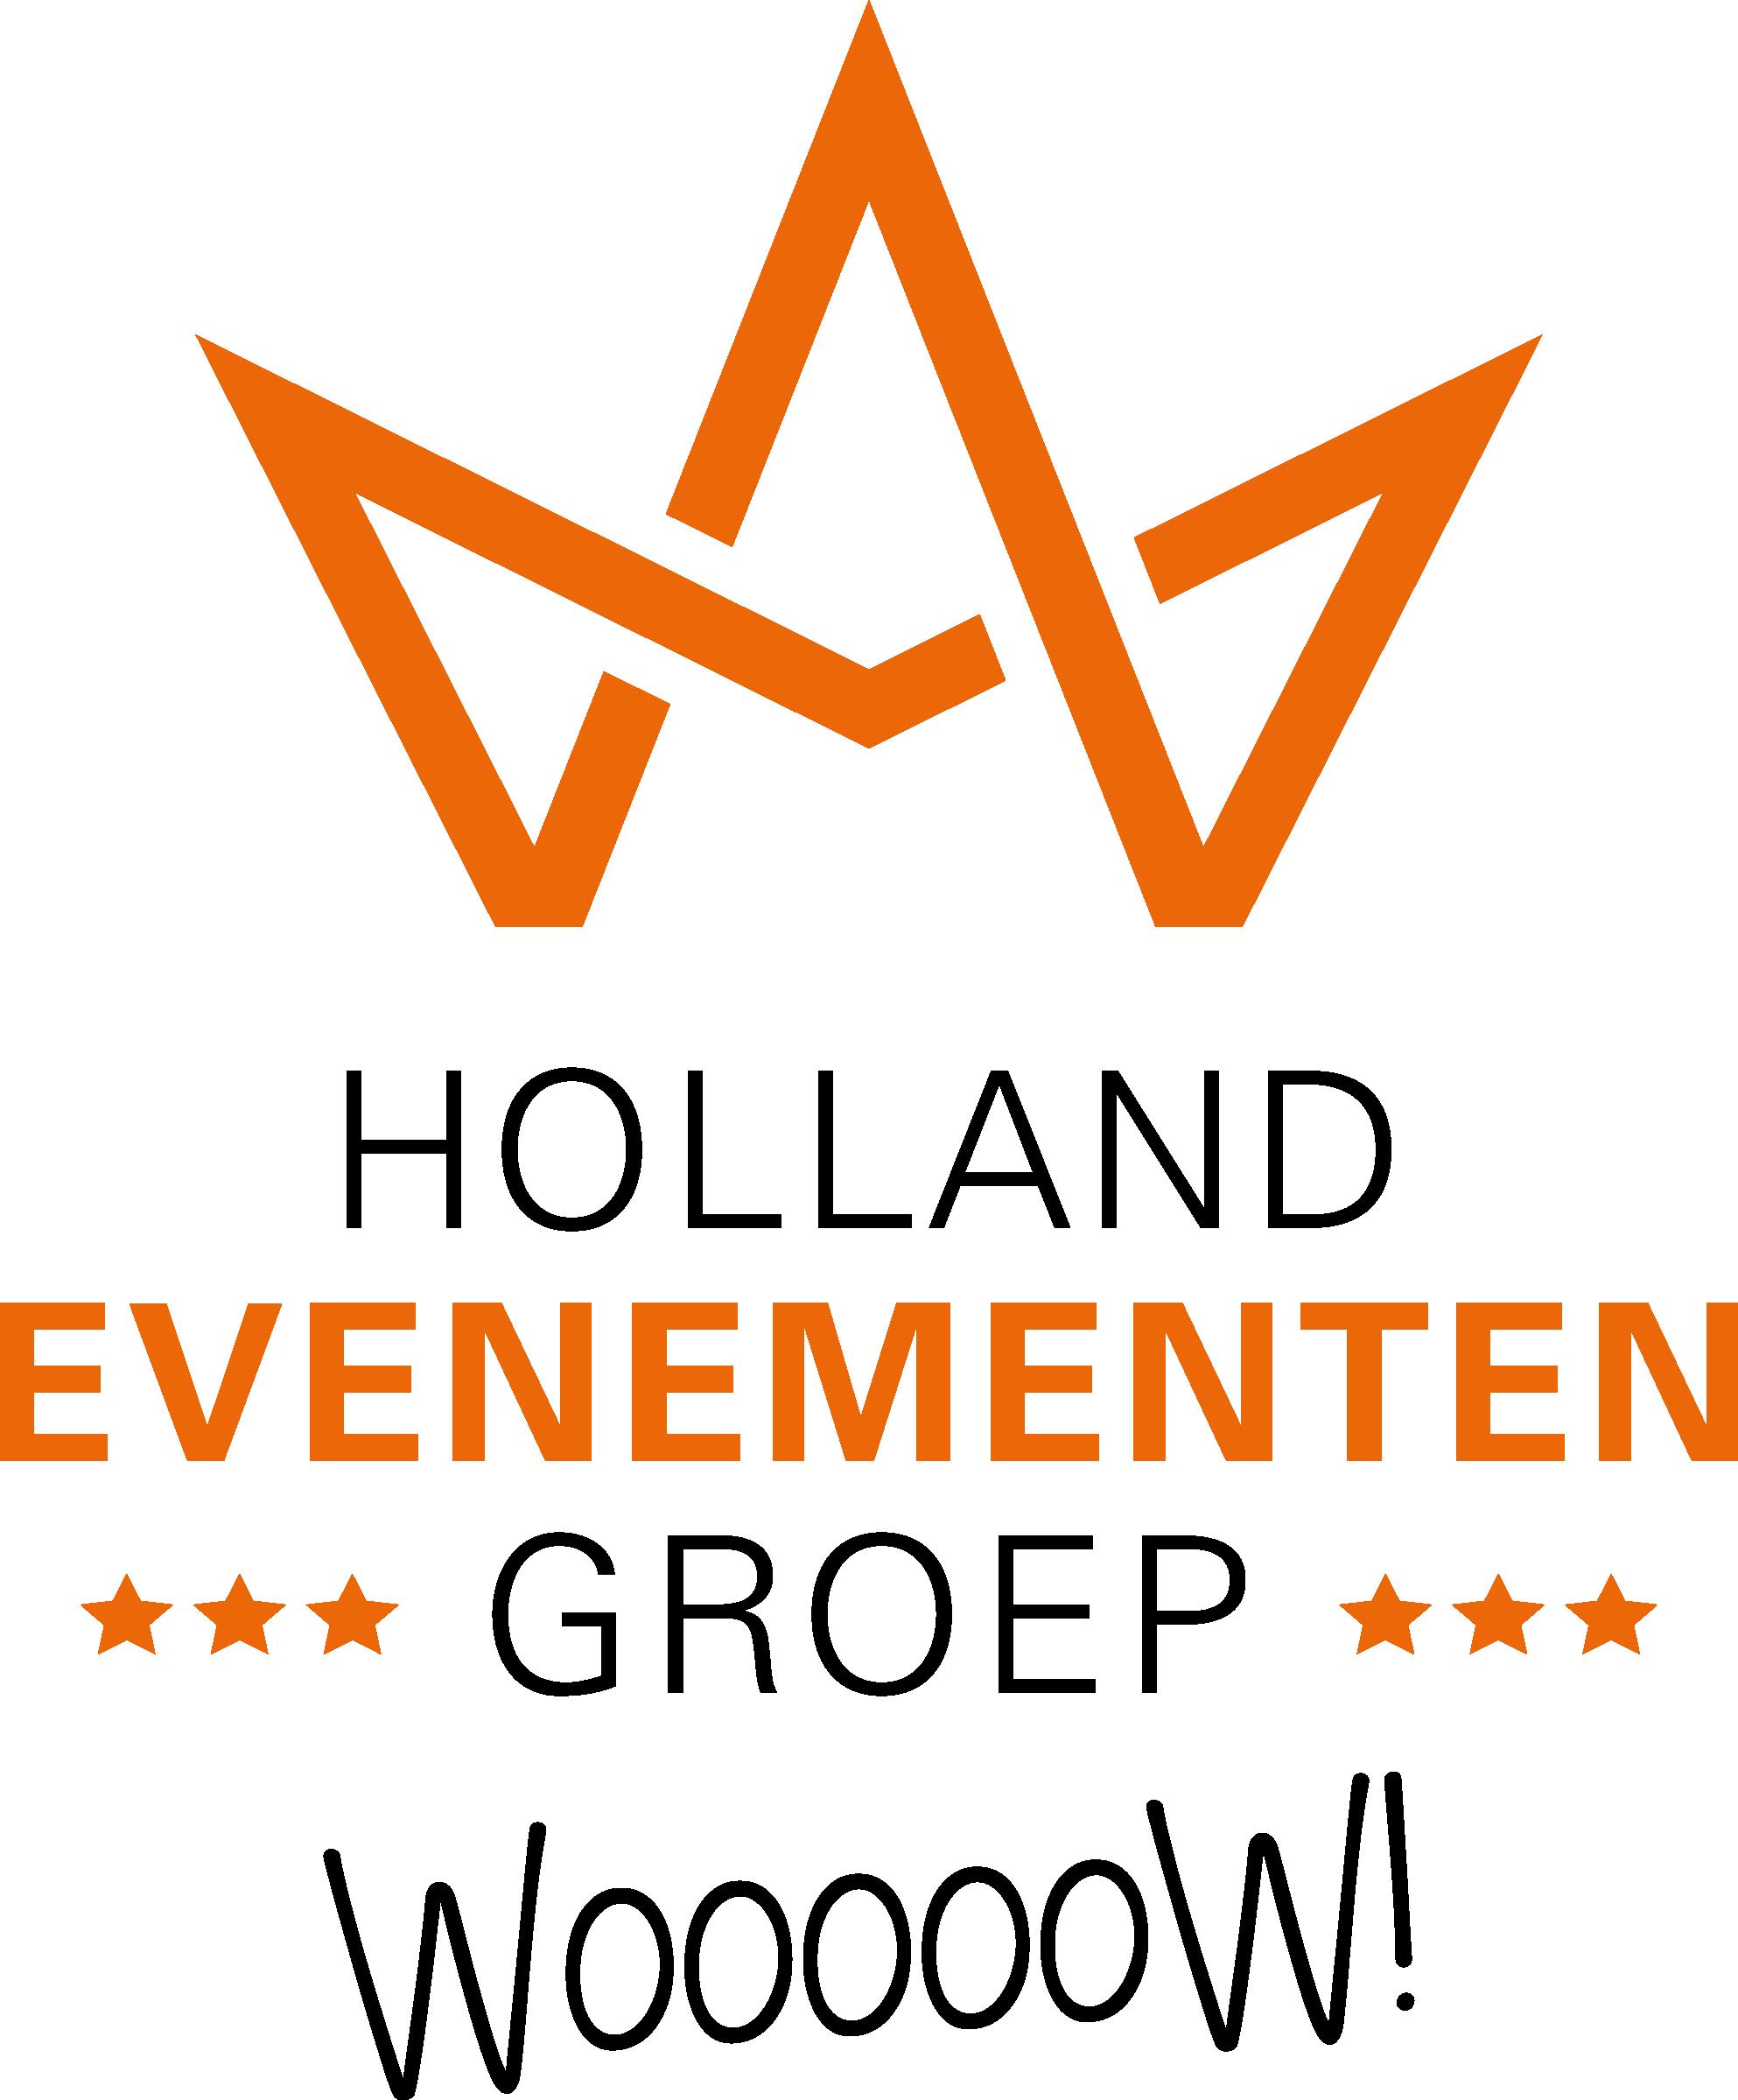 Holland Evenementen Groep - Een allround en unieke evenementenlocatie in het midden van Nederland. Dé locatie voor bijzondere bedrijfsevenementen, een onvergetelijk vrijgezellenfeest en het doeltreffendste teamuitje.